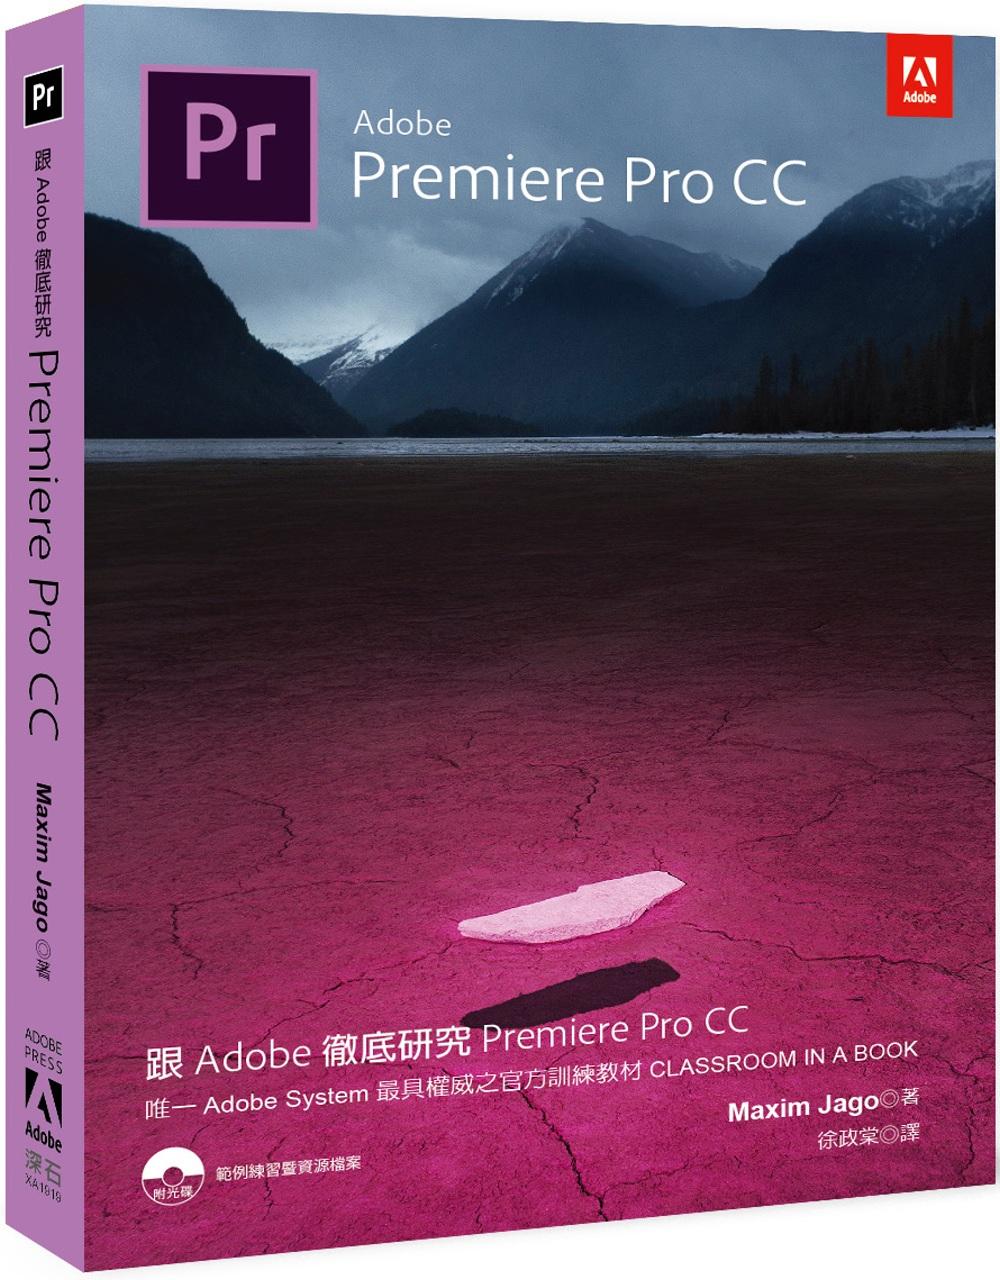 跟Adobe徹底研究Premi...